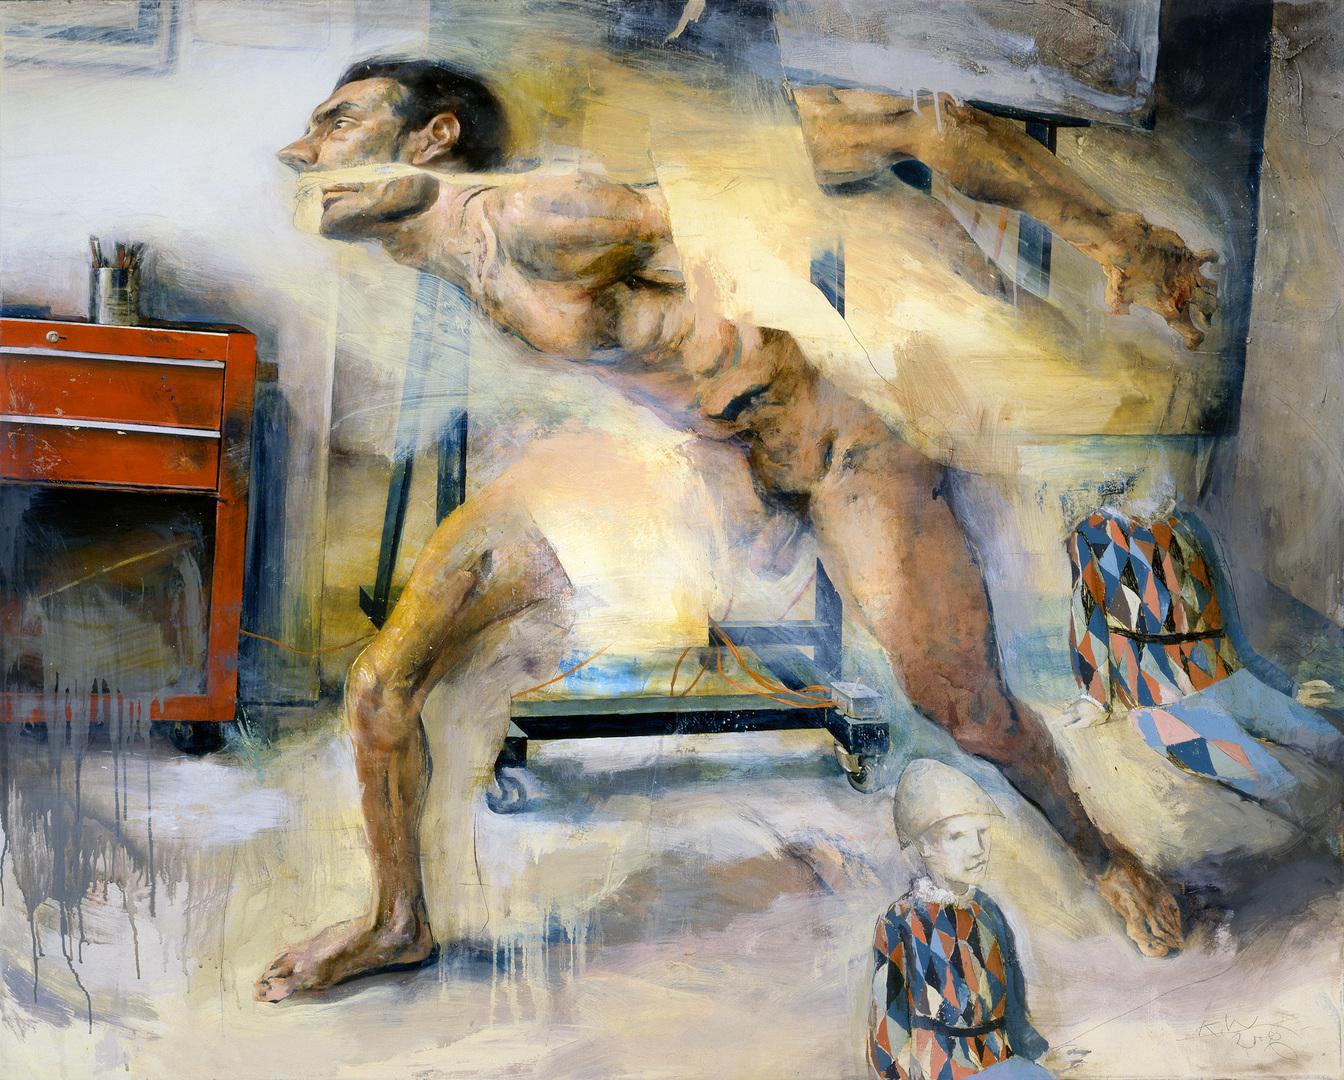 Fragmented Figure in Studio Interior